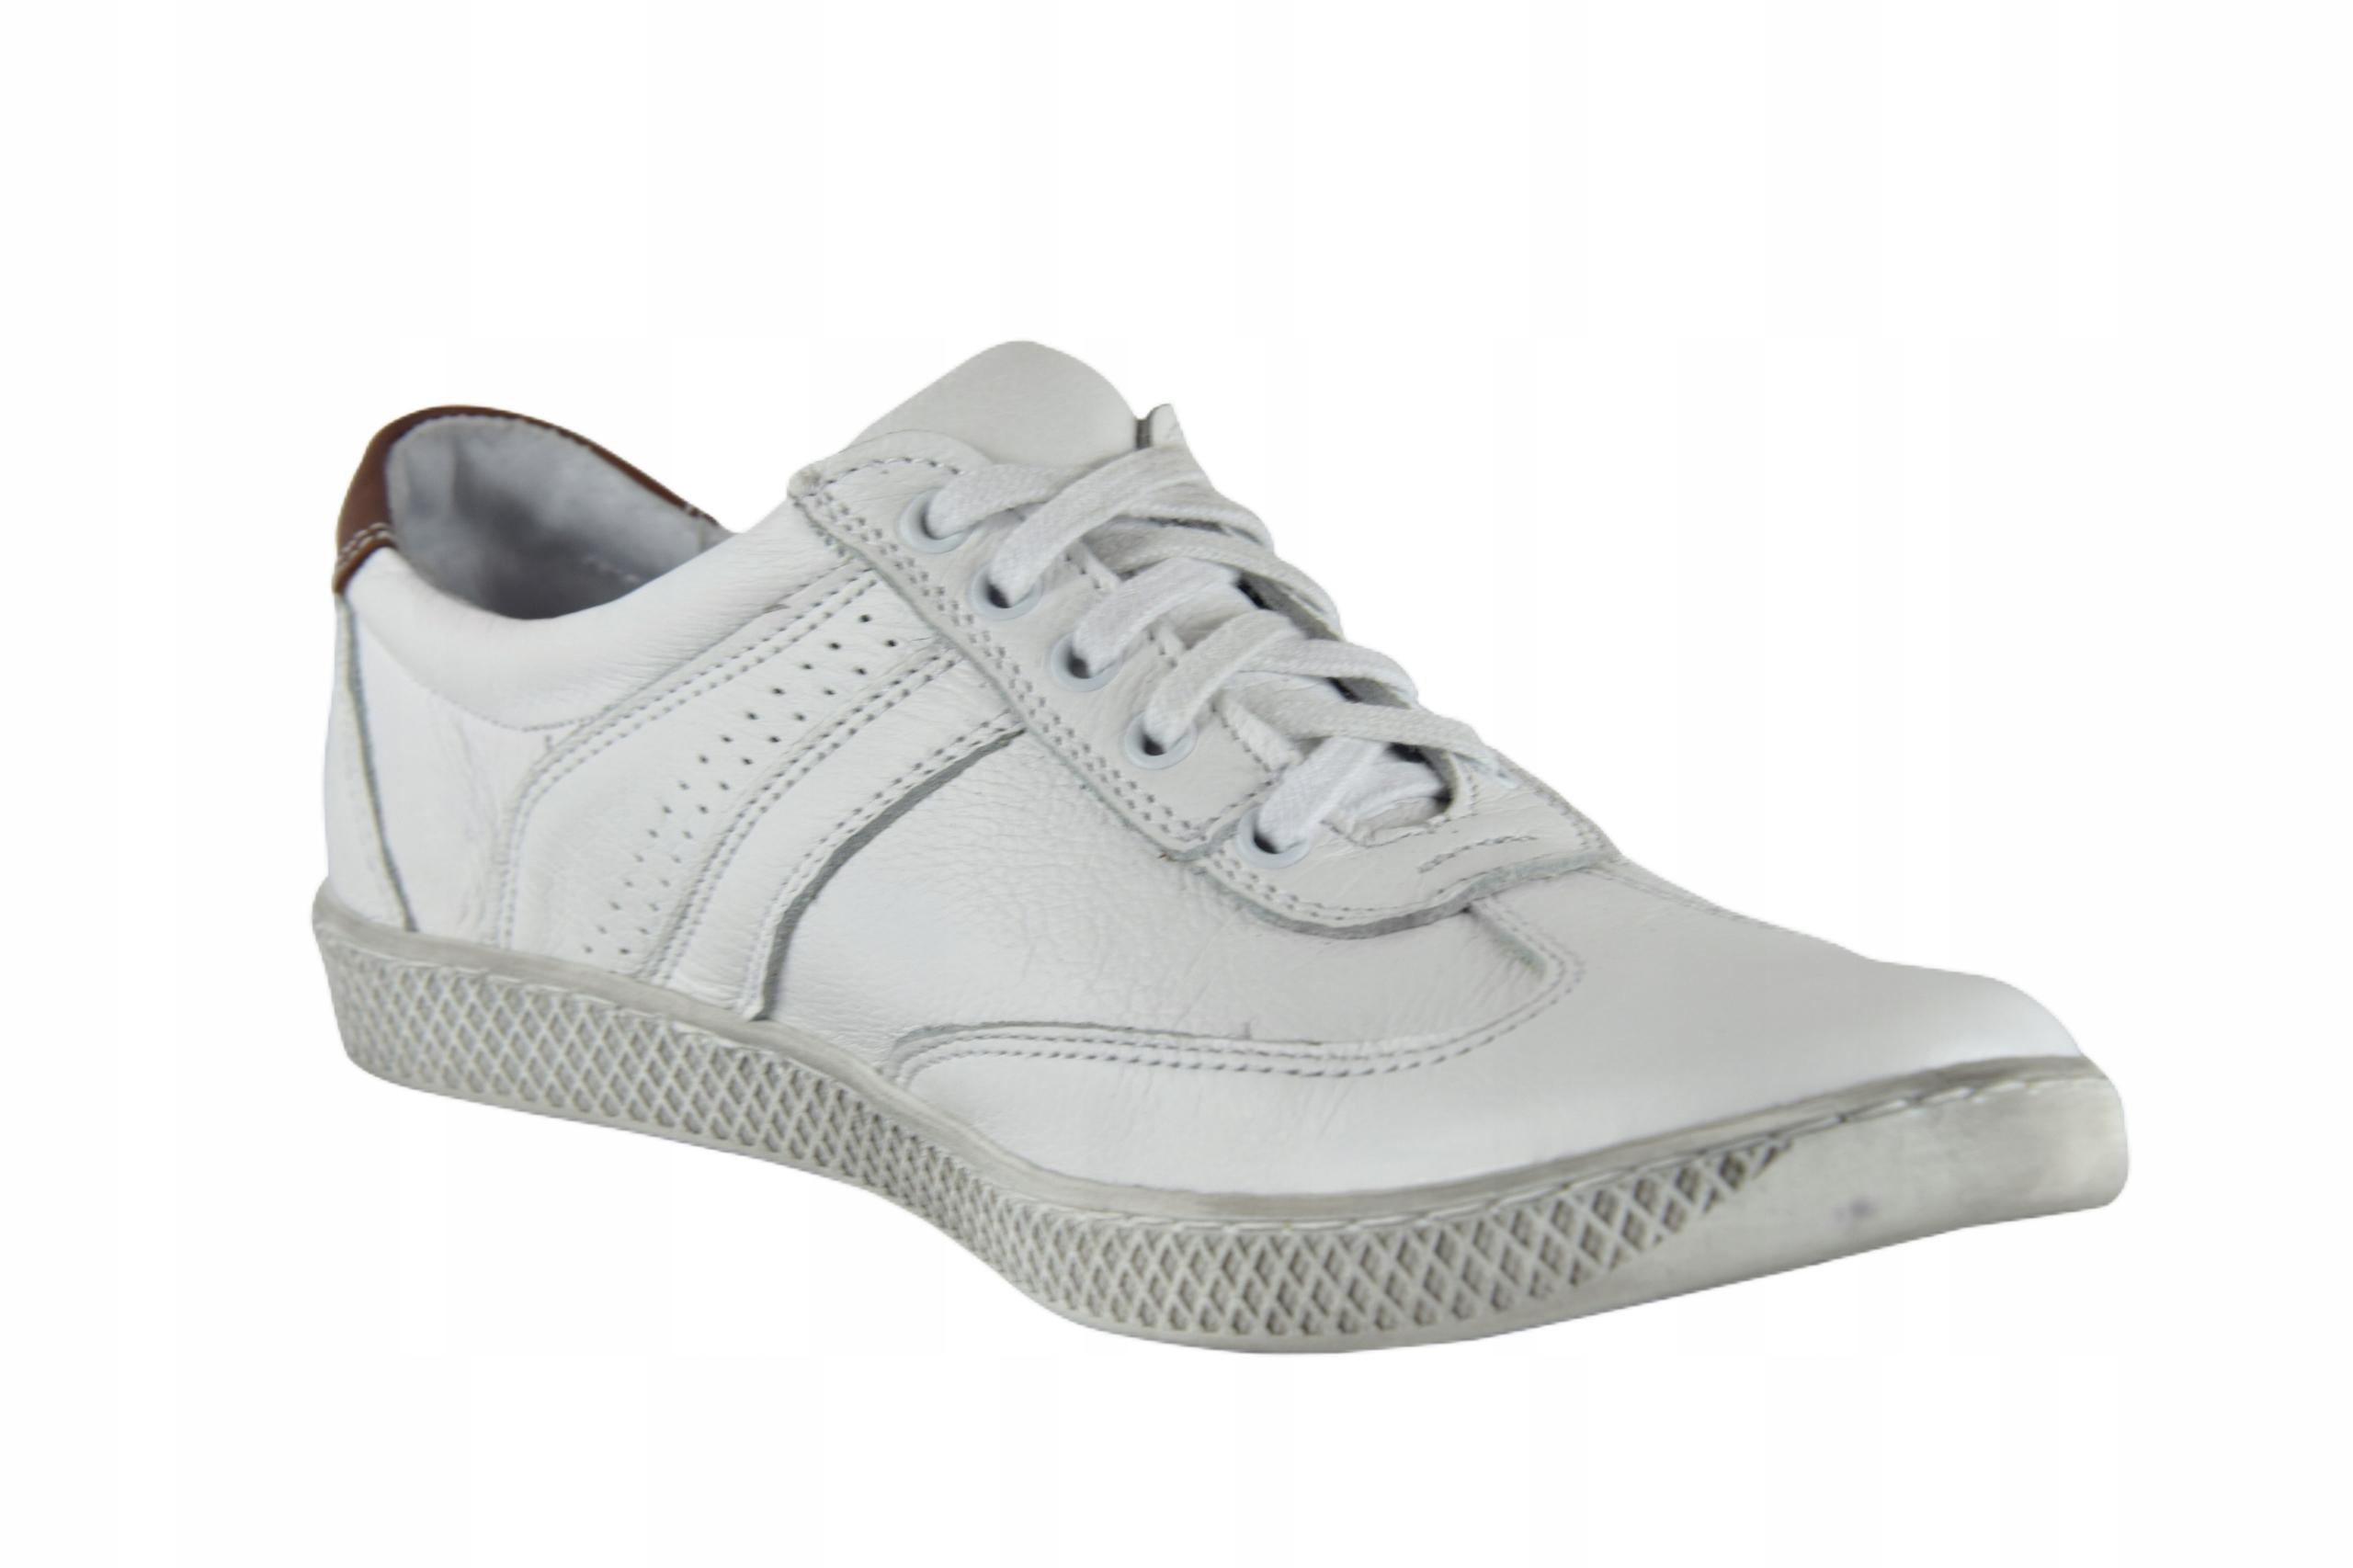 Skórzane męskie białe sznurowane buty męskie 0446 Długość wkładki 29.3 cm